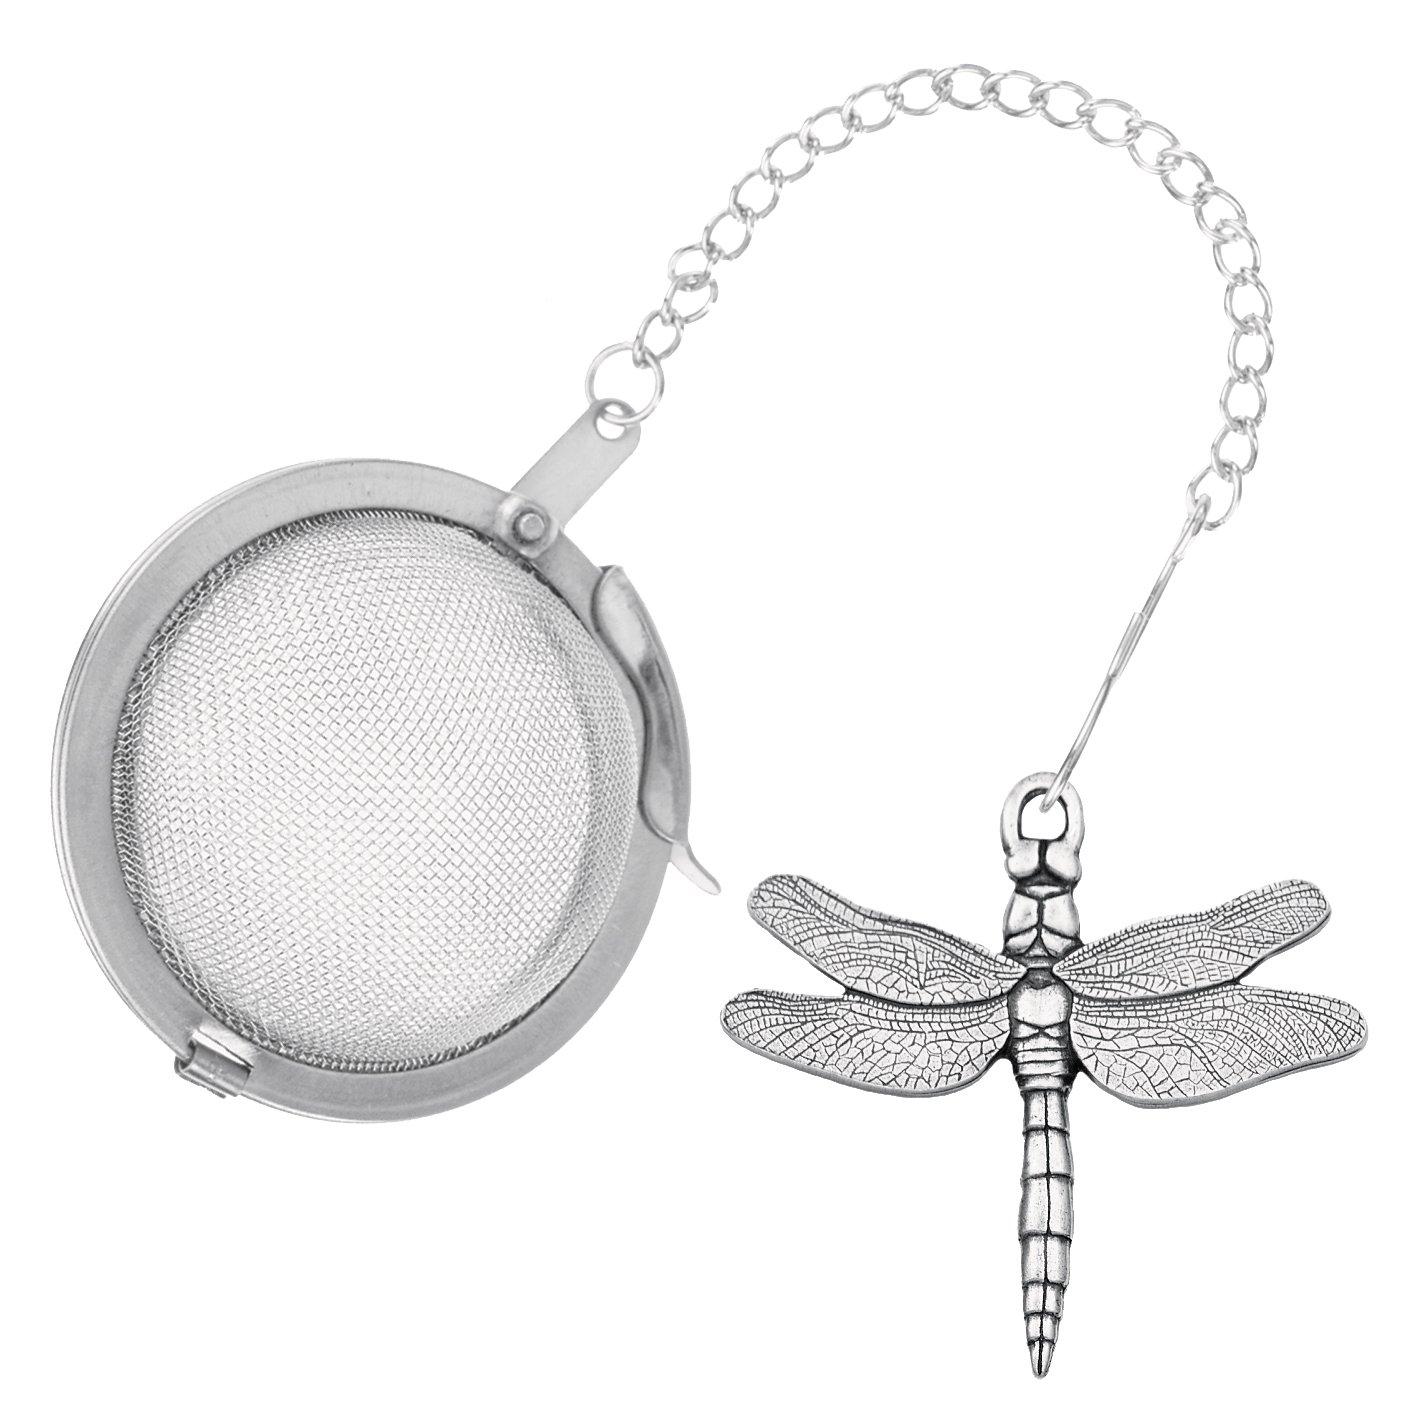 Danforth - Dragonfly Pewter Tea Infuser